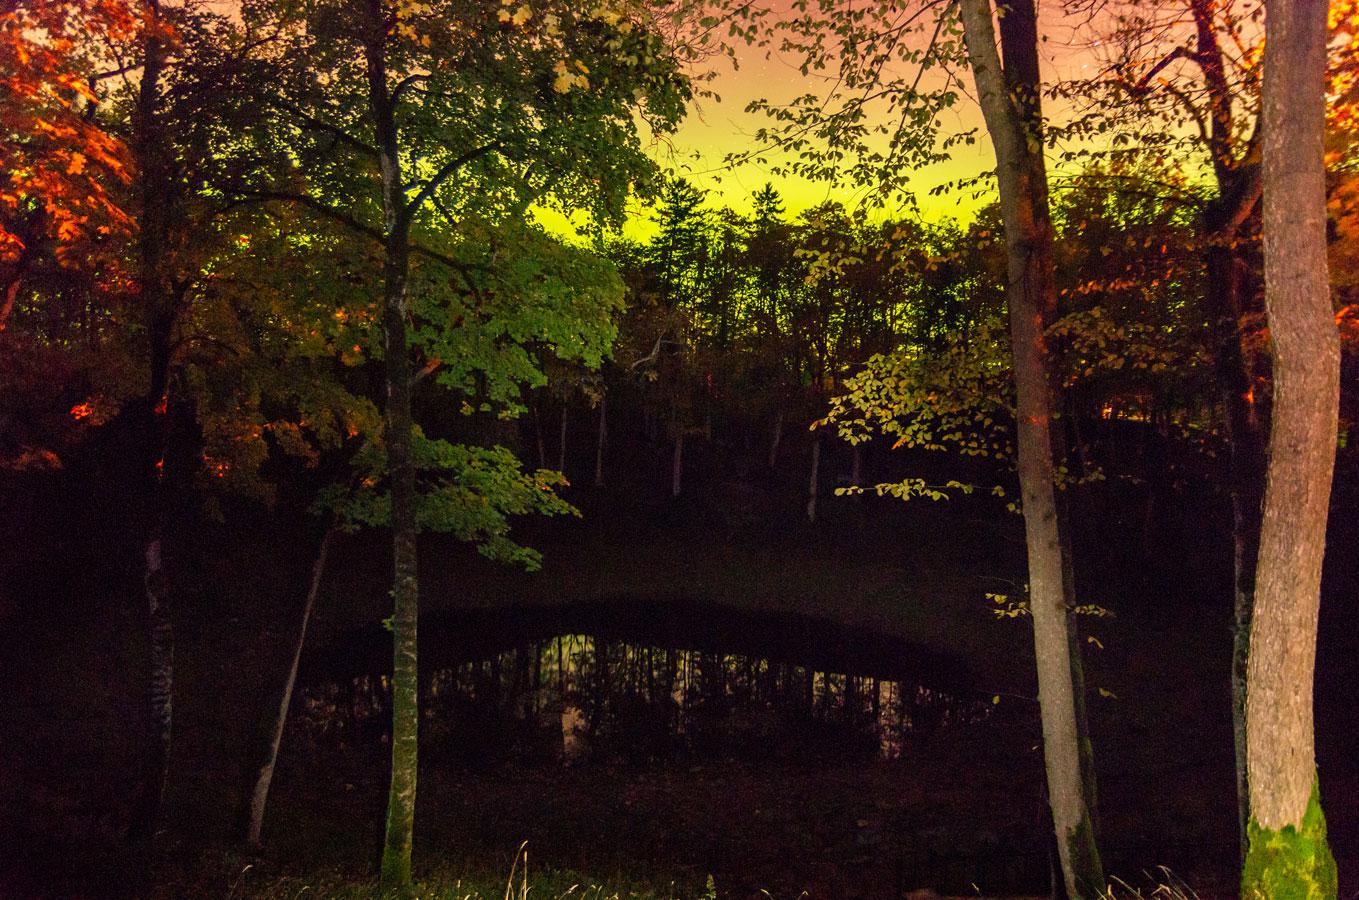 Озеро Каали и северное сияние, © Марко Пальм, Фотоконкурс «Священные природные места»